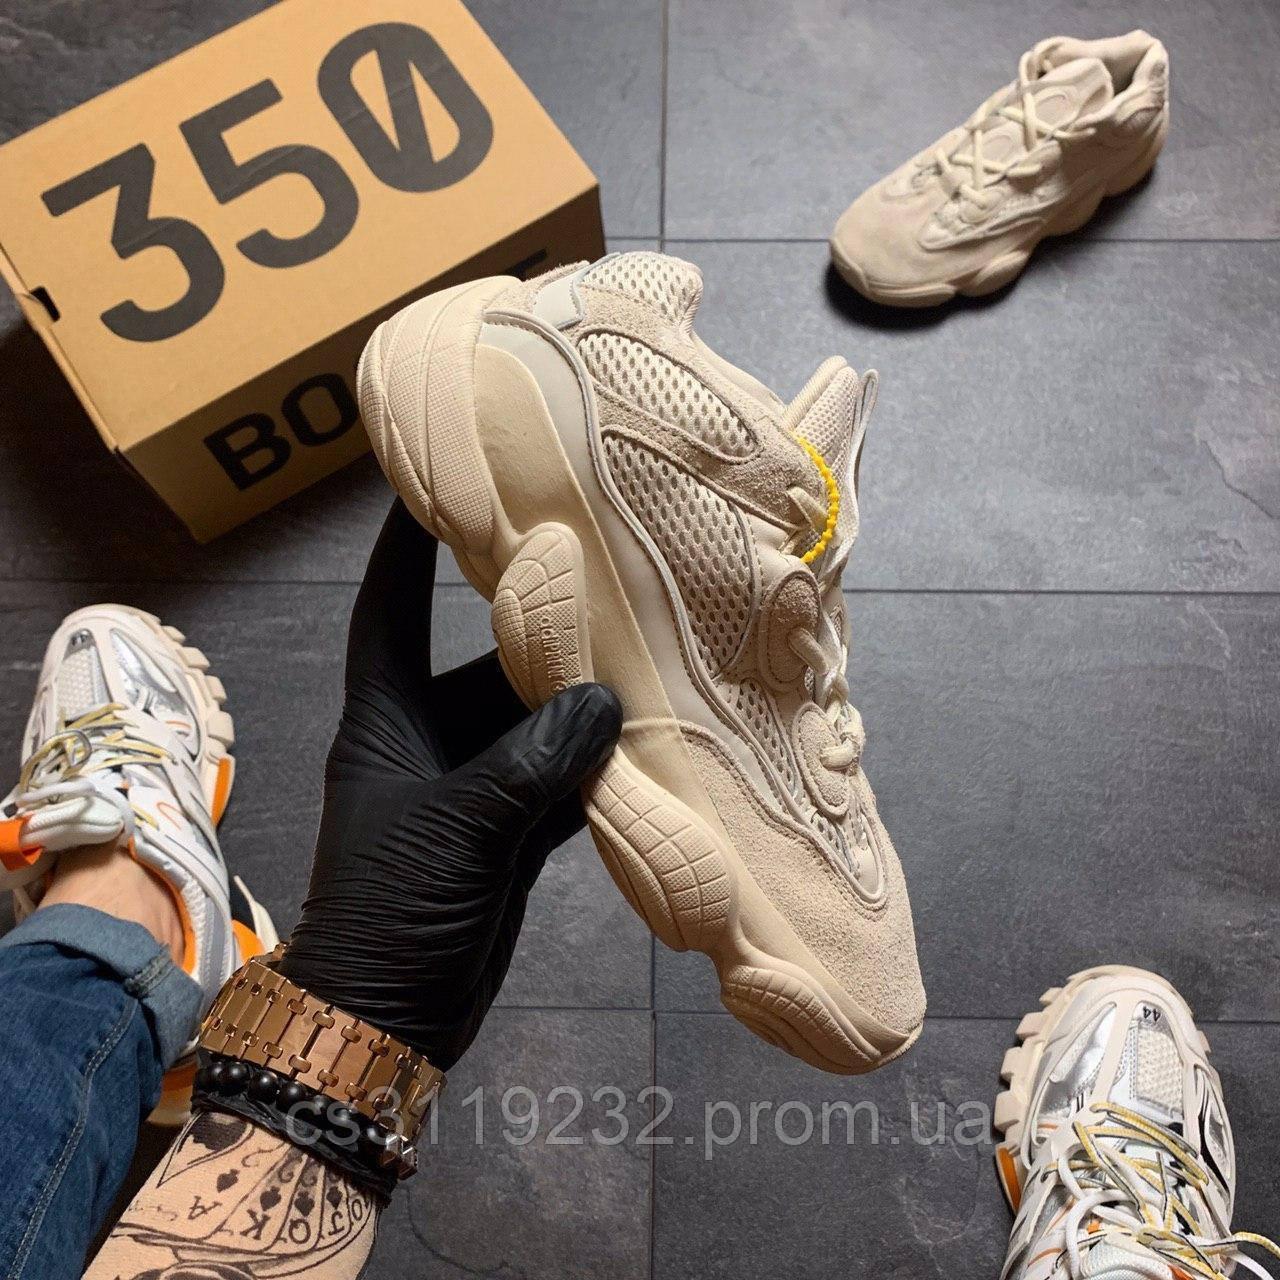 Мужские кроссовки Adidas Yeezy 500 Blush (бежевые)